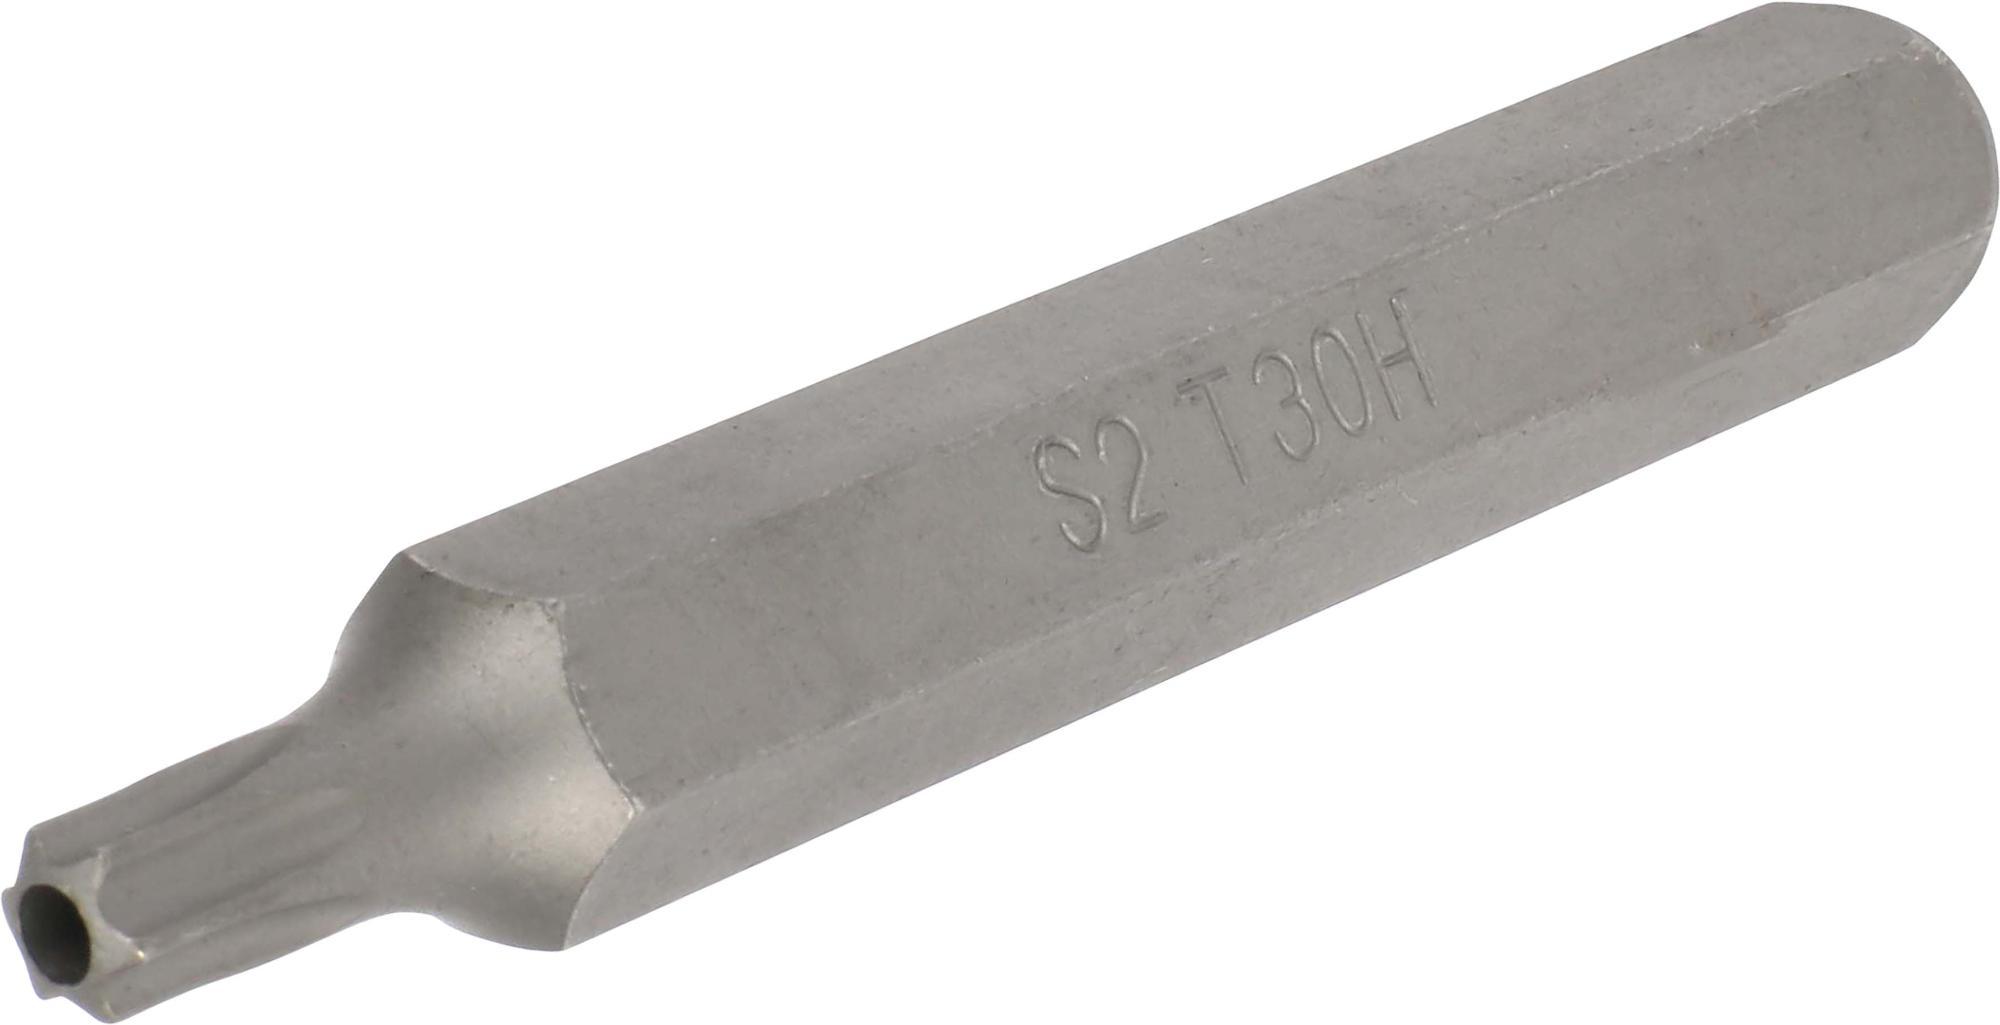 Bit, 10 mm 6-hran, TORX SLB T30x75 mm